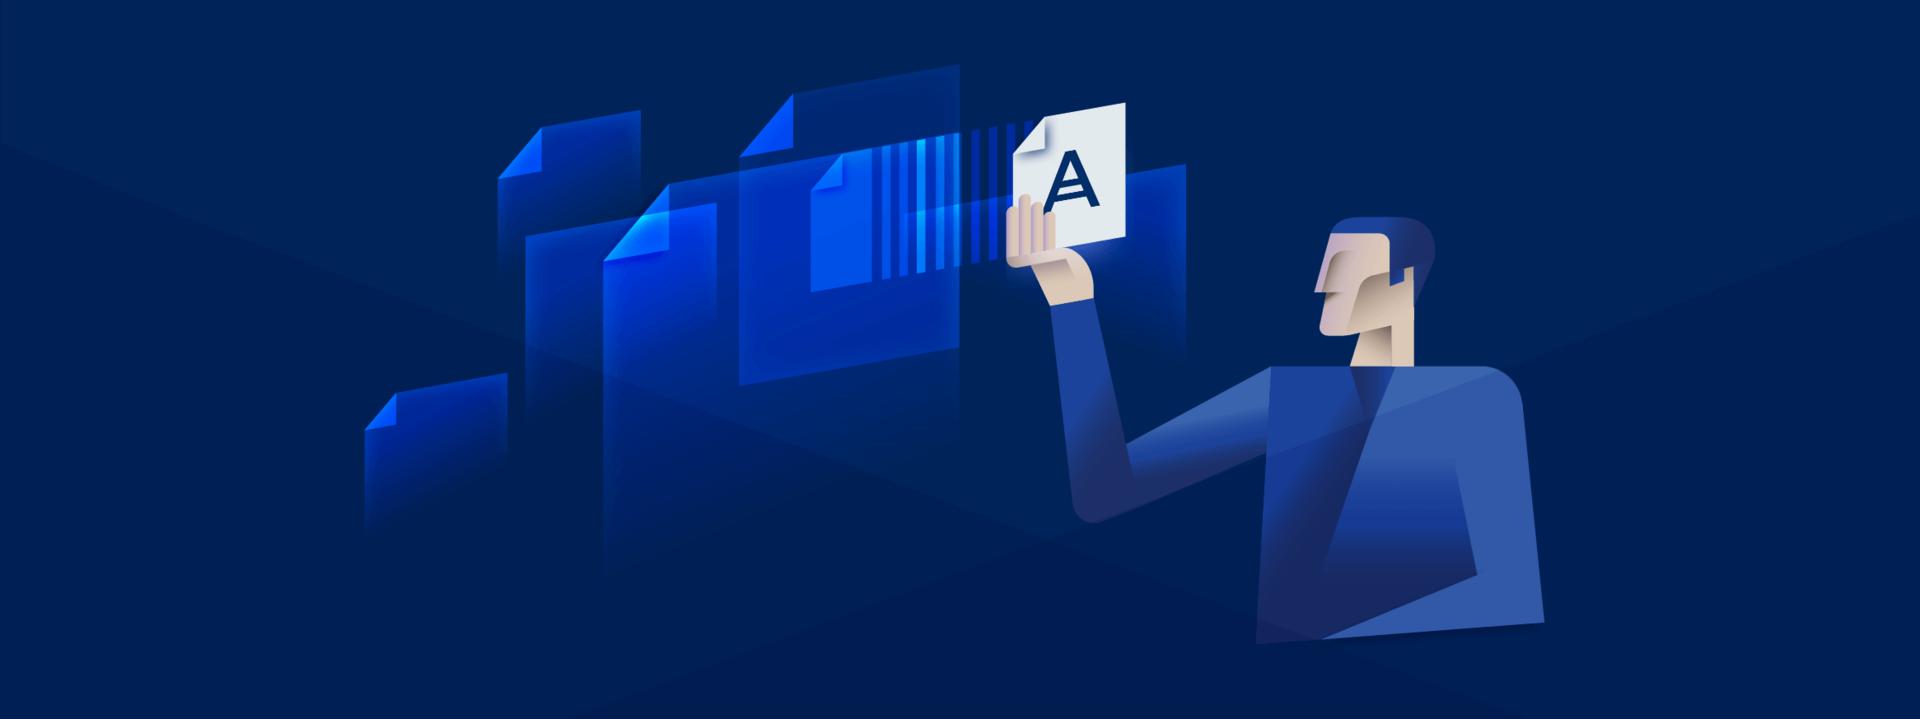 Дизайн-система Acronis. Часть первая. Единая библиотека компонентов - 1